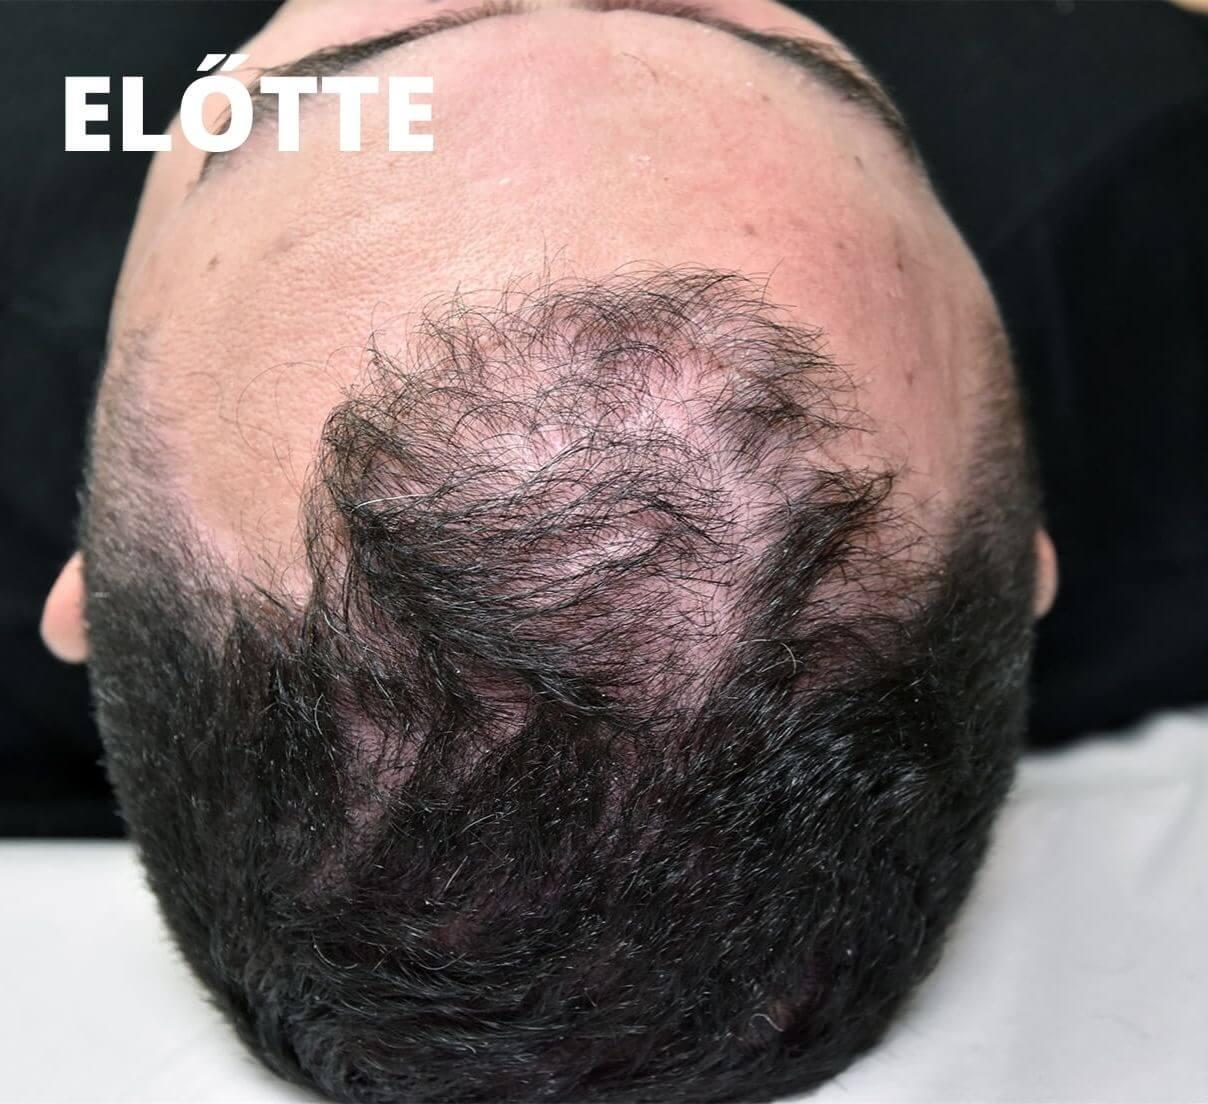 ELŐTTE (1)